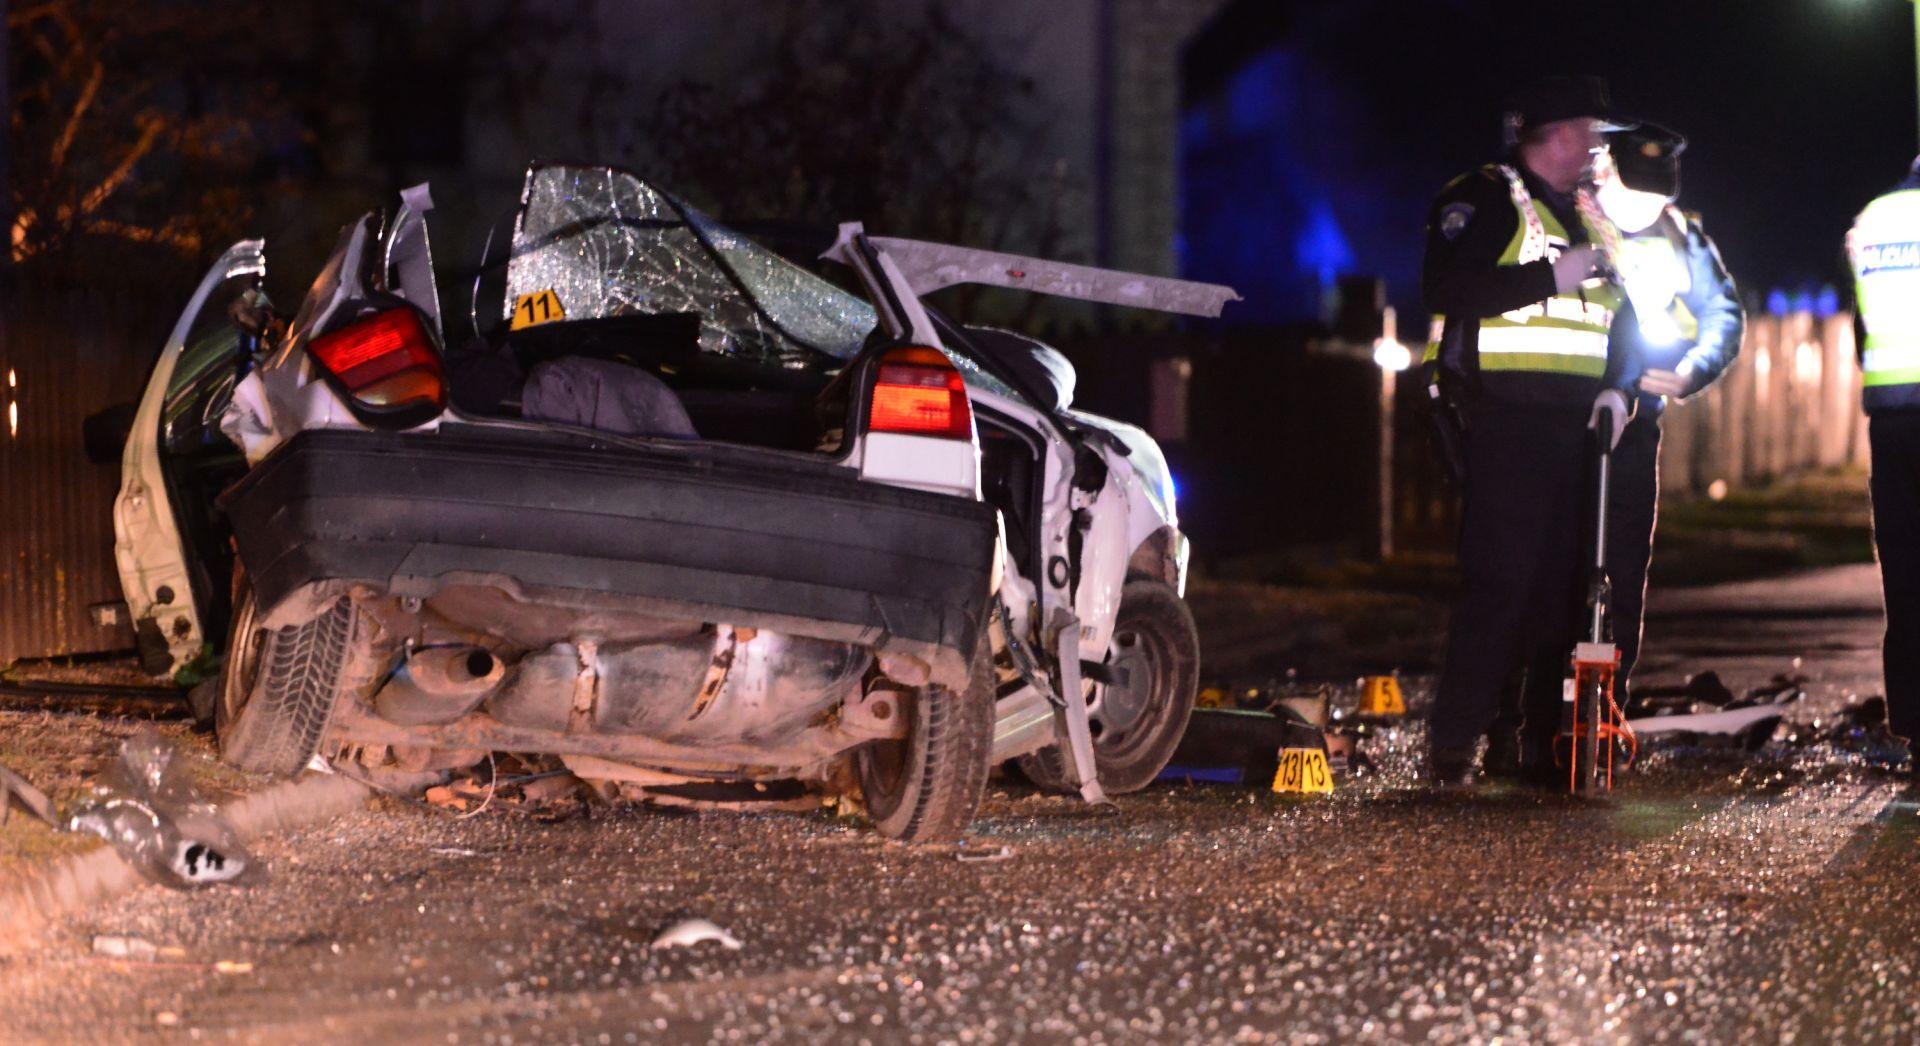 TEŠKA PROMETNA NESREĆA U BOSNI Troje mladih ljudi poginulo u frontalnom sudaru dva automobila